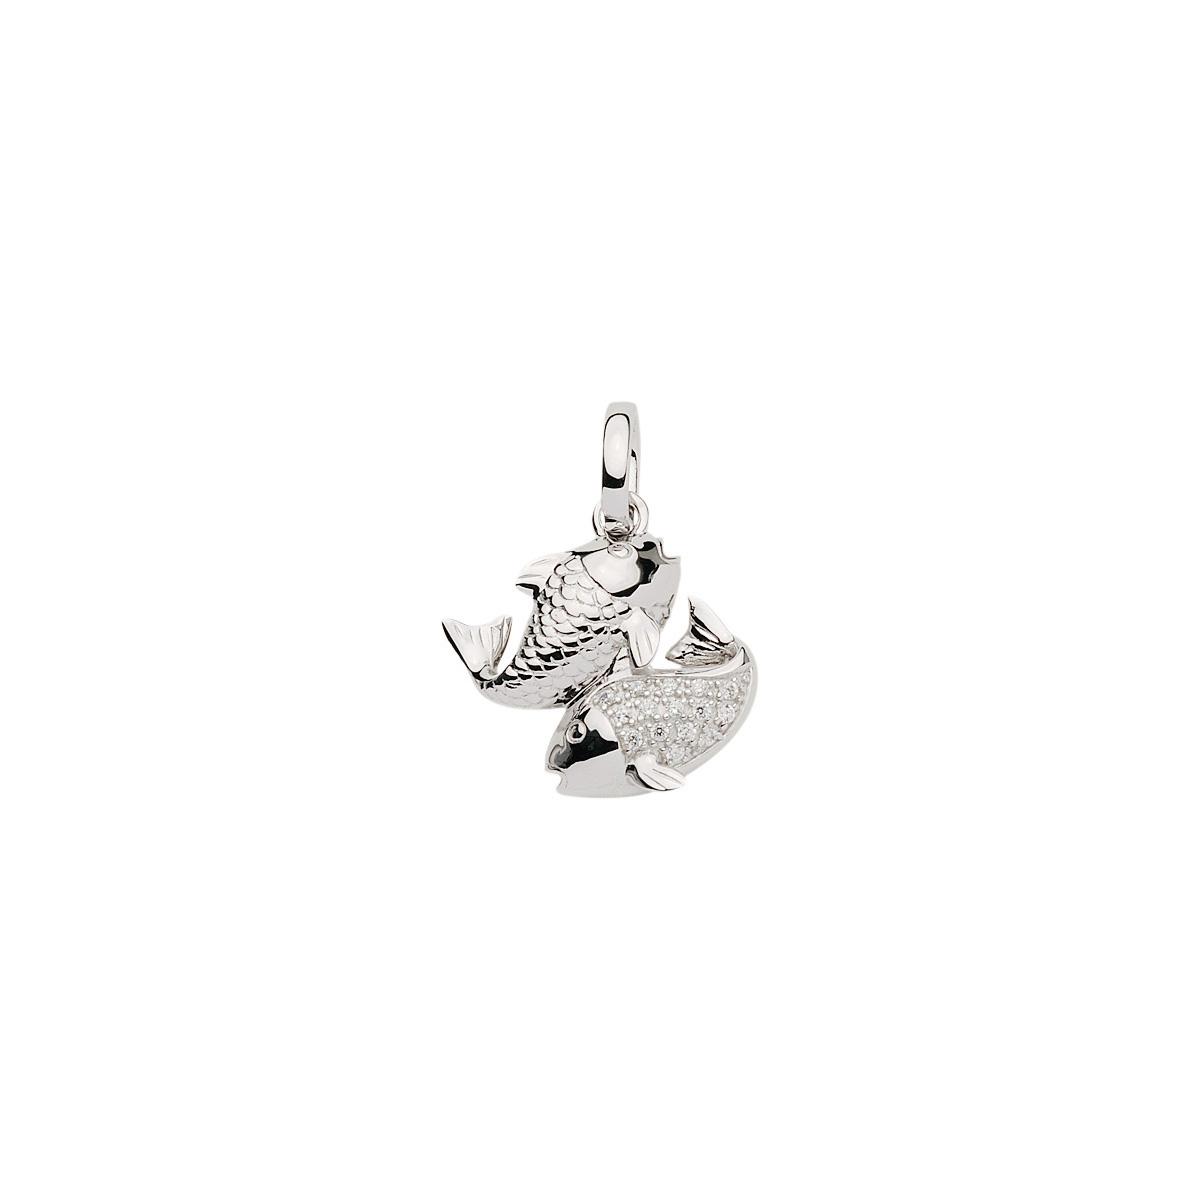 FISK sølv vedhæng - Fiskens Stjernetegn som sølv vedhæng til halskæder